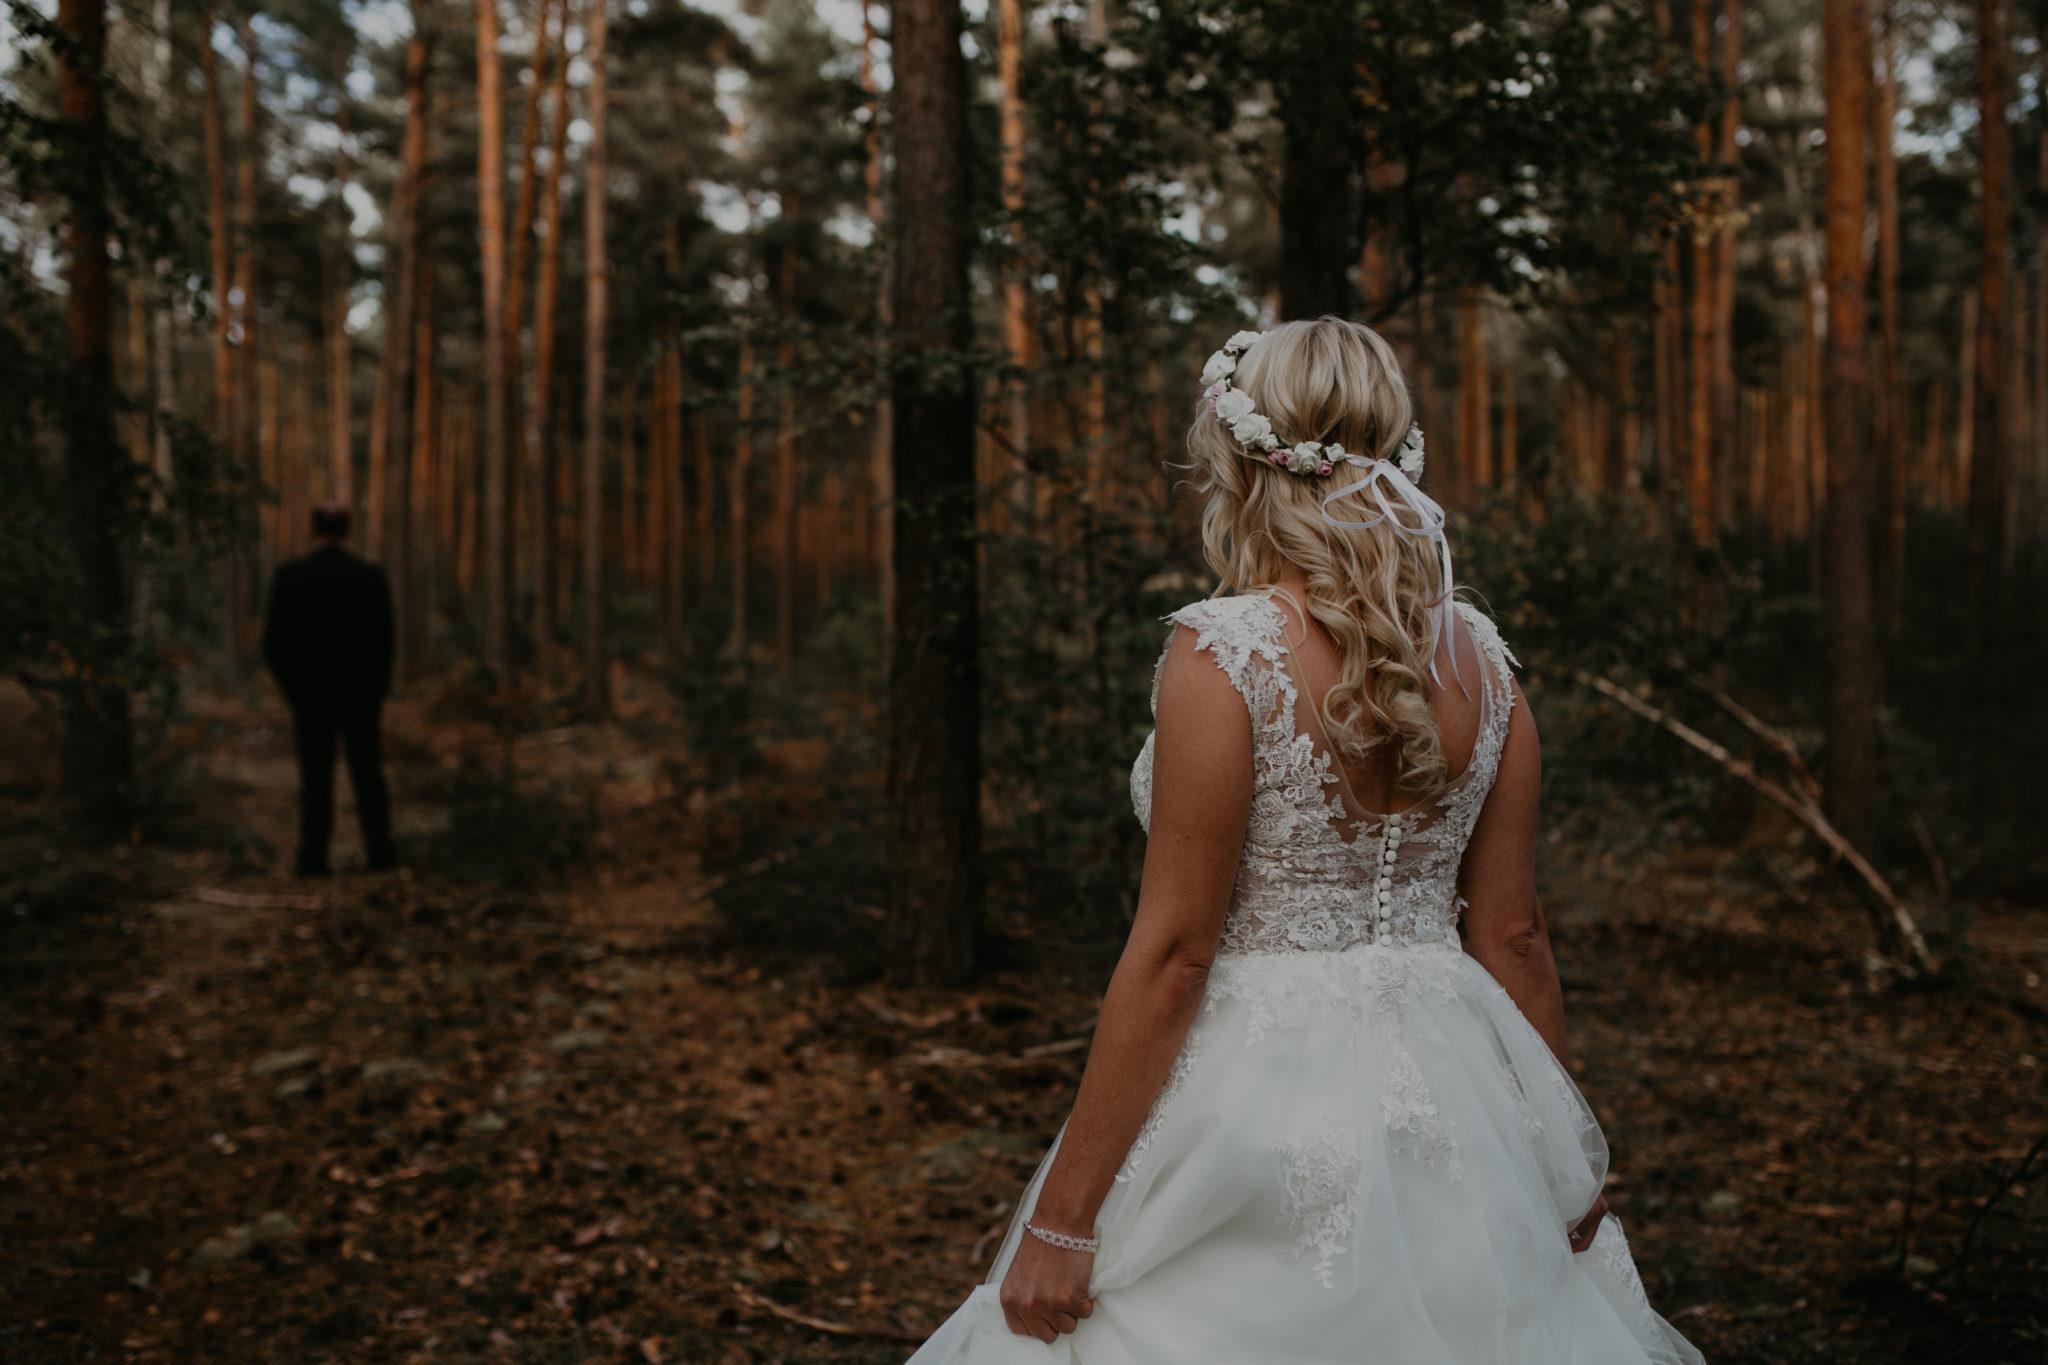 asia i mateuszplener 15 1 - fotografiaam Fotografia ślubna RK wedding